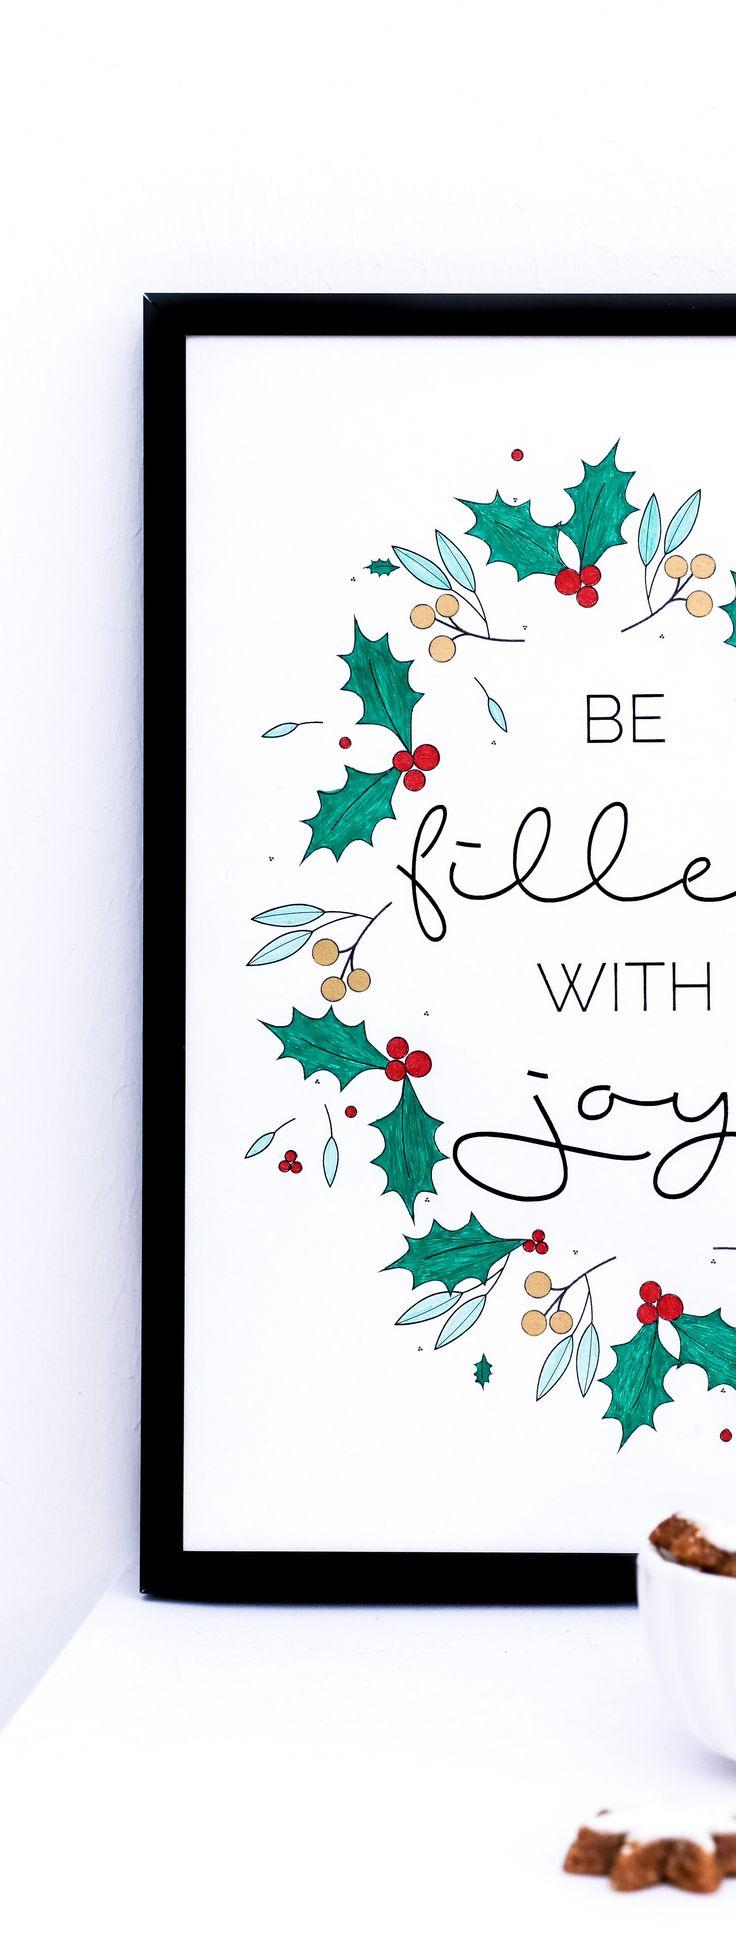 Die besten 25 weihnachten zum ausmalen ideen auf for Kindergottesdienst weihnachten ideen